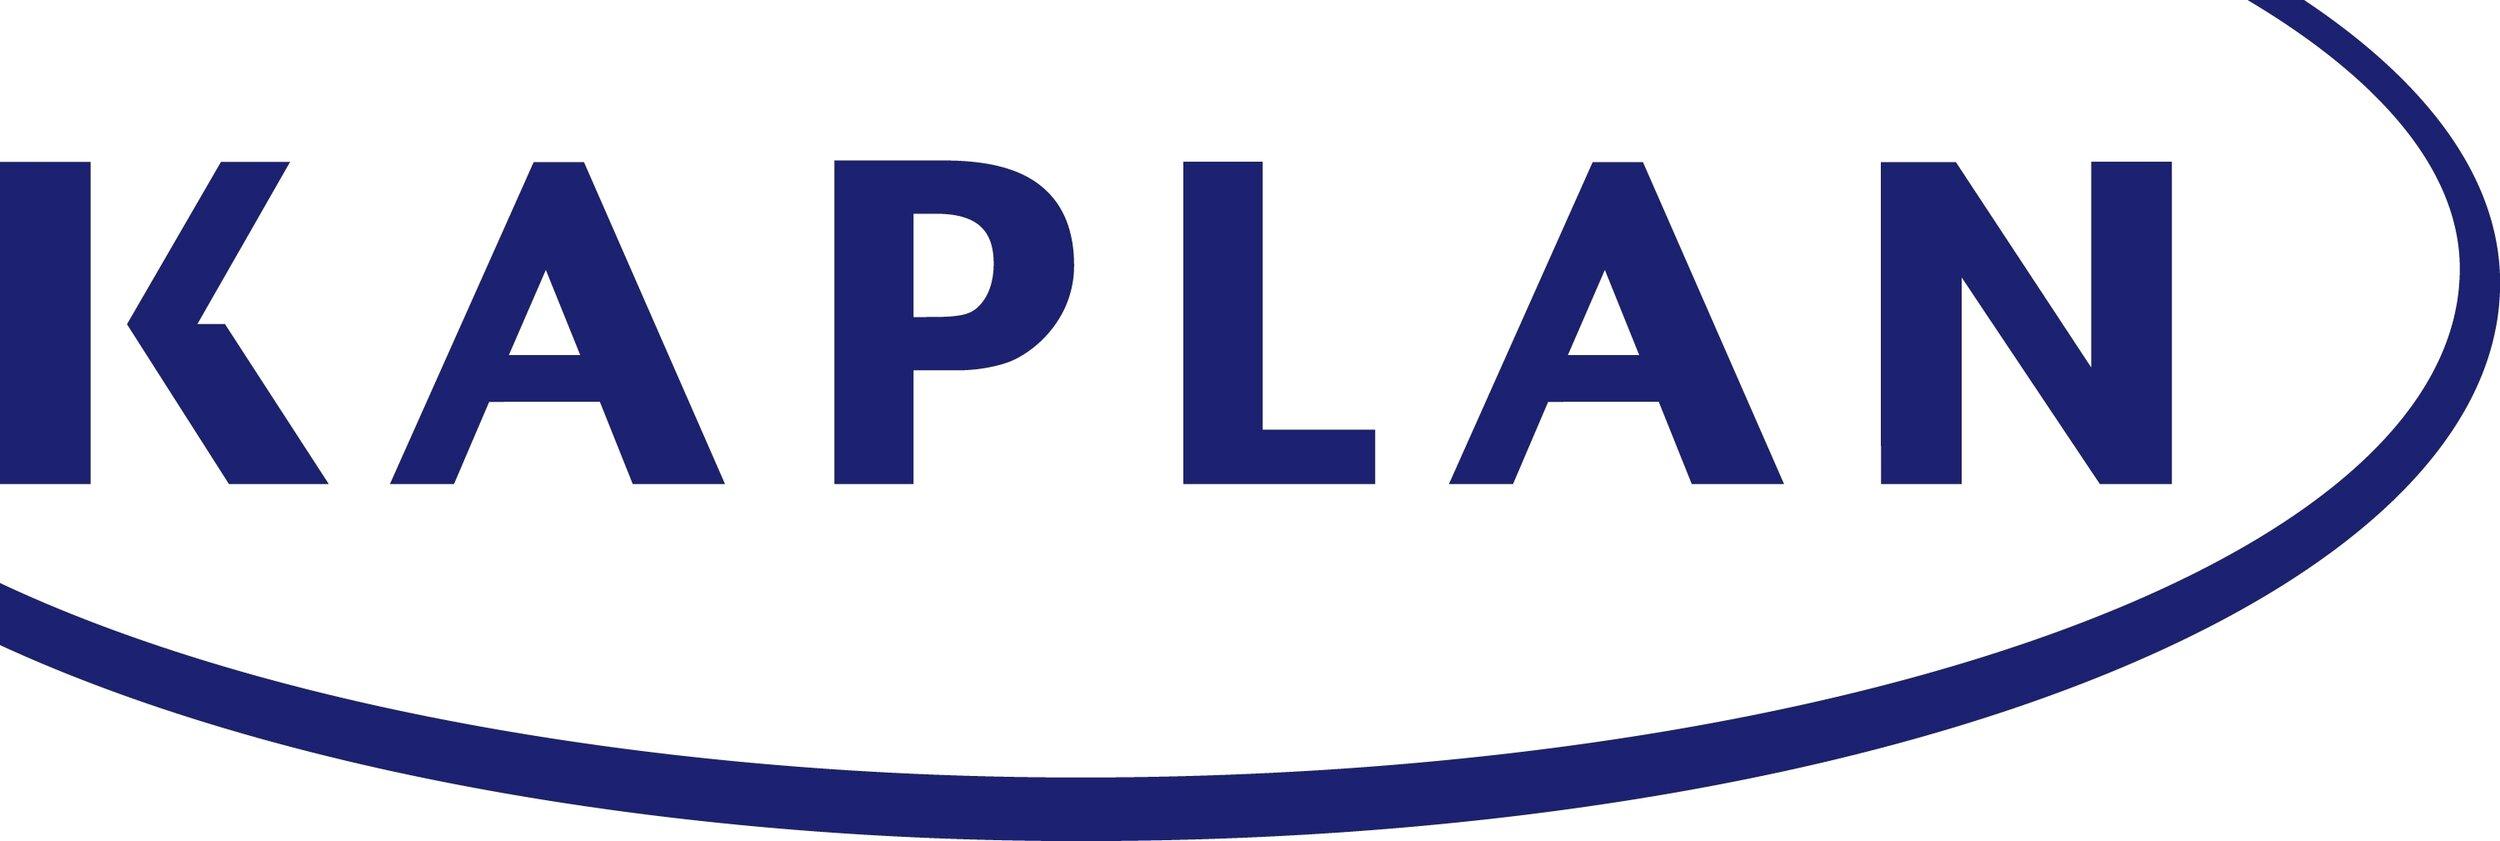 Kaplan-Inc-logo.jpg